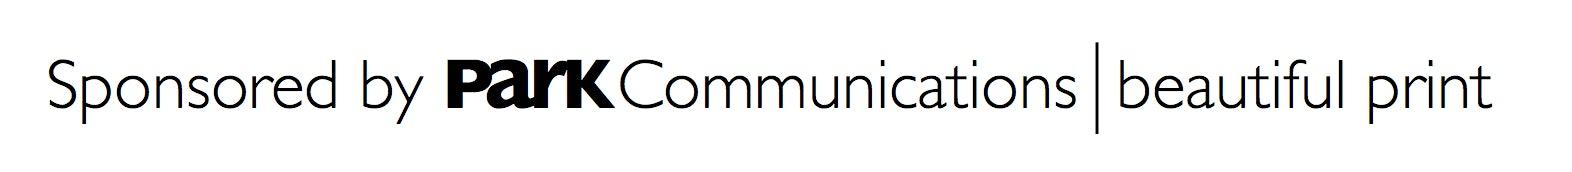 Park Communications